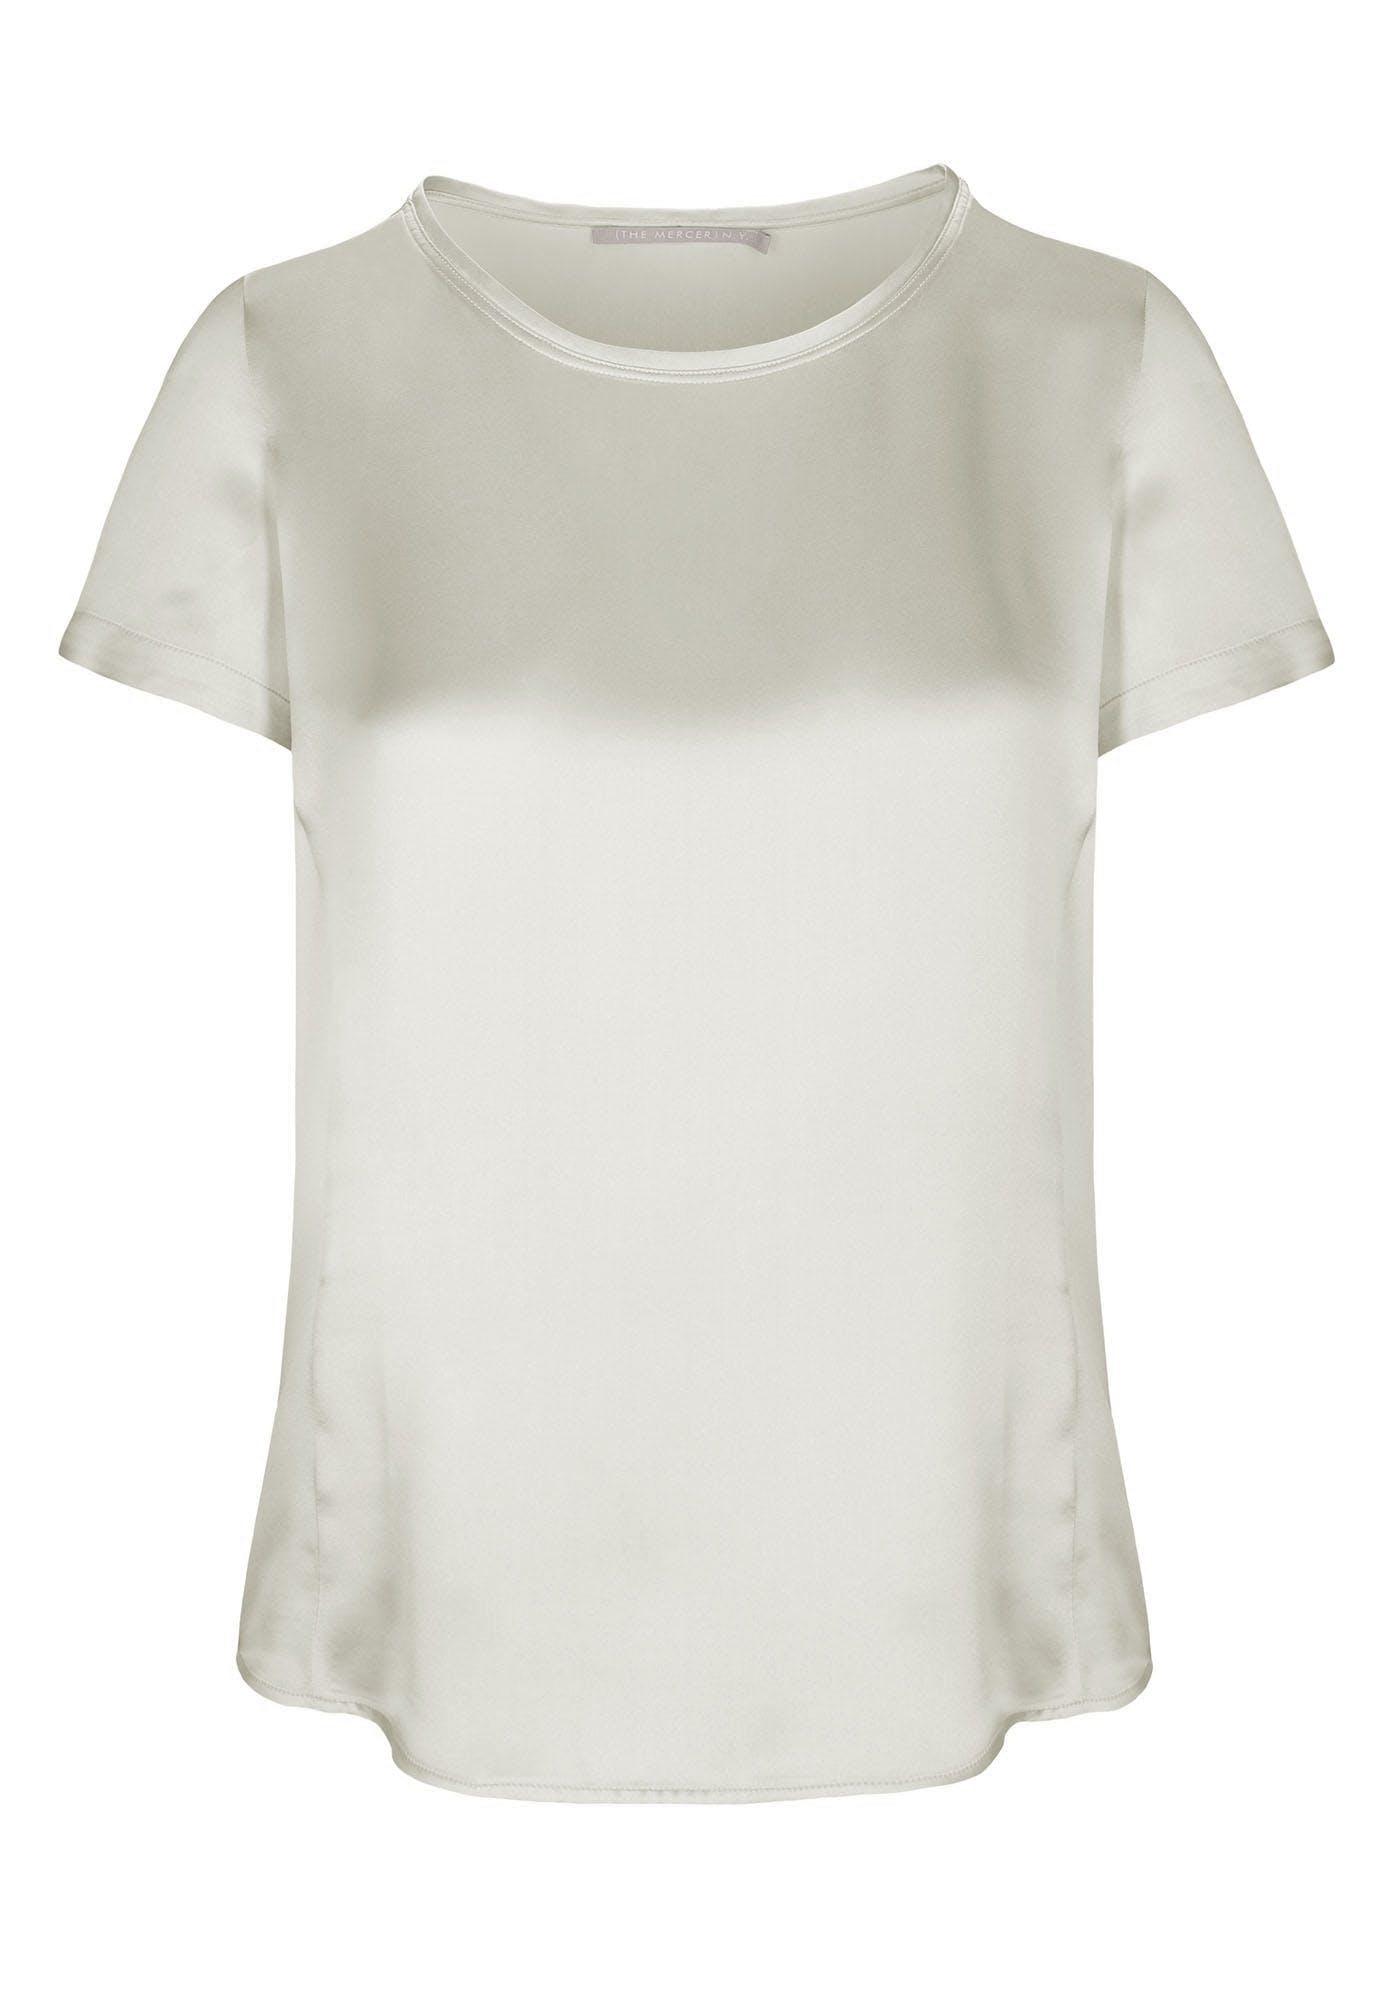 Satin Silk Shirt - Sand